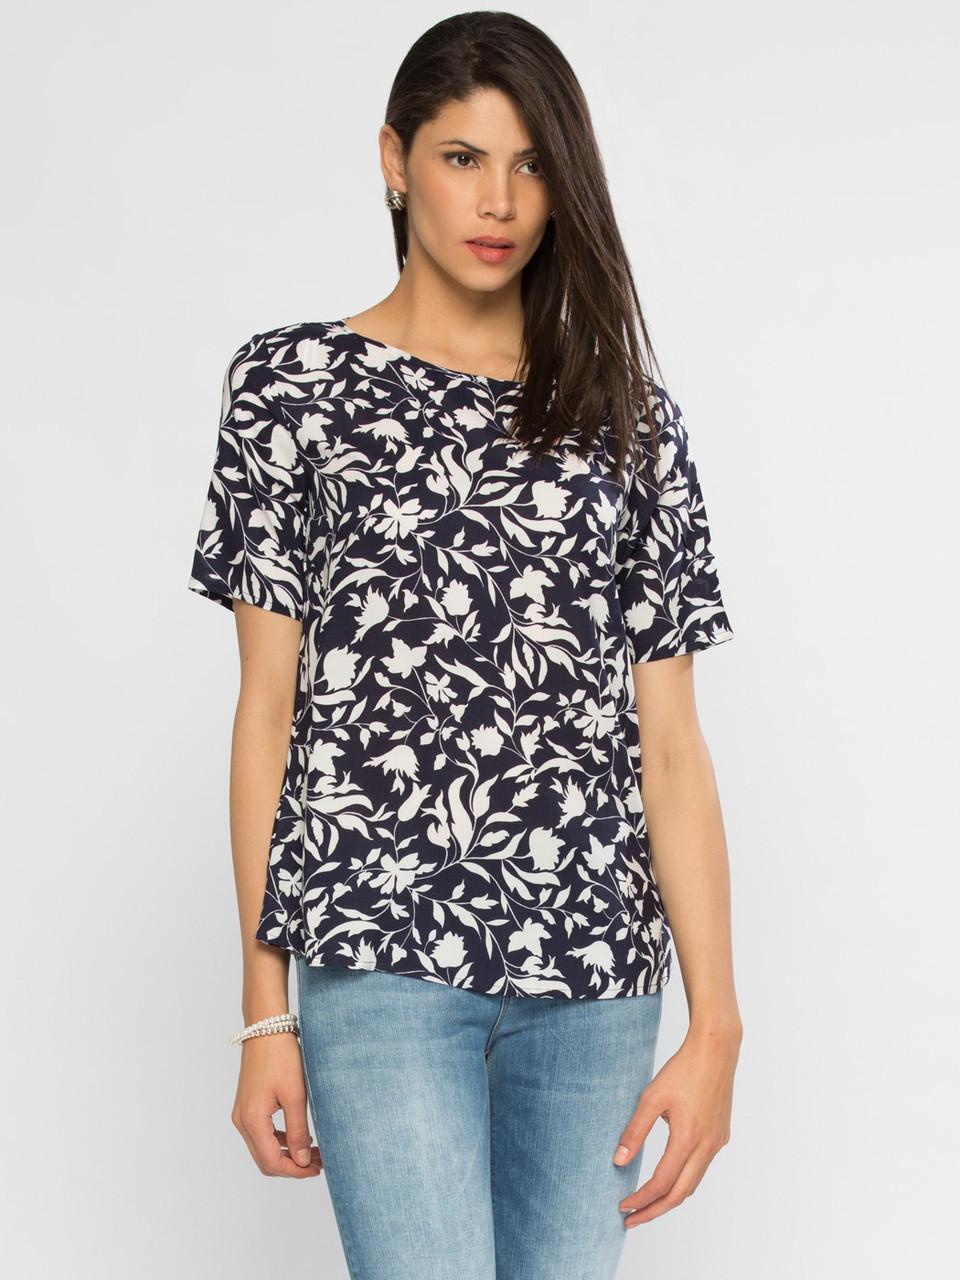 Синя блуза жіноча LC Waikiki / ЛЗ Вайкікі в білі квіти